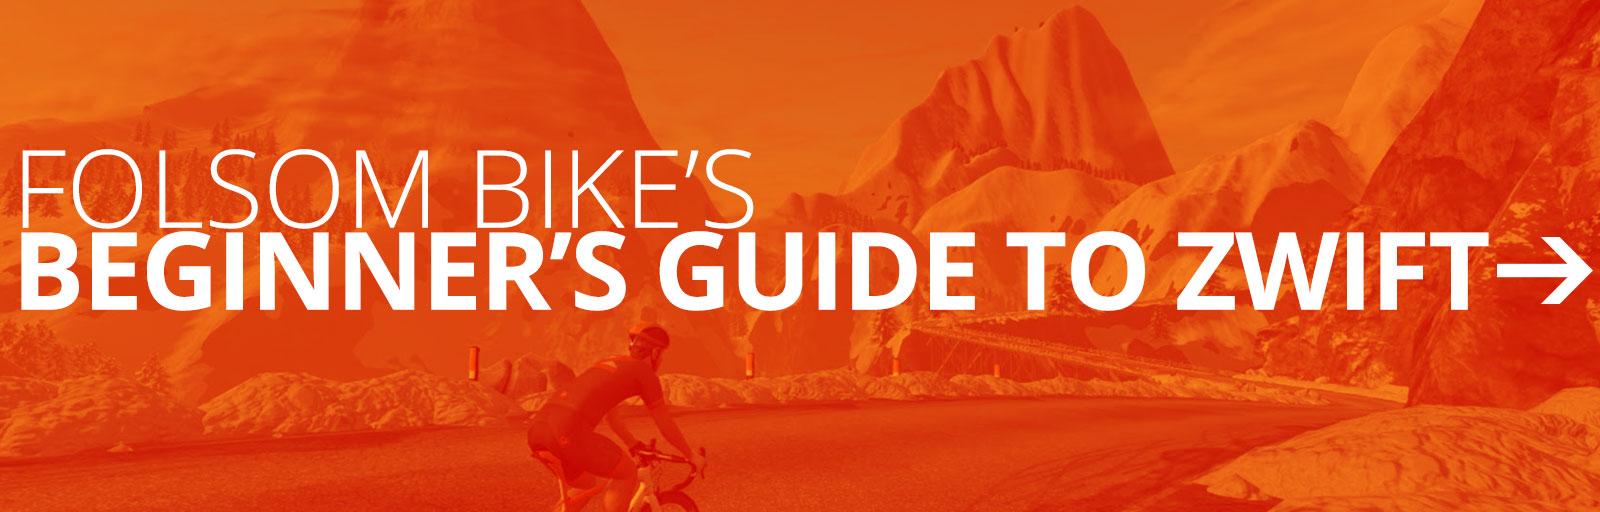 Beginner's Guide to Zwift - Folsom Bike 2 Great Bike Shops - 2